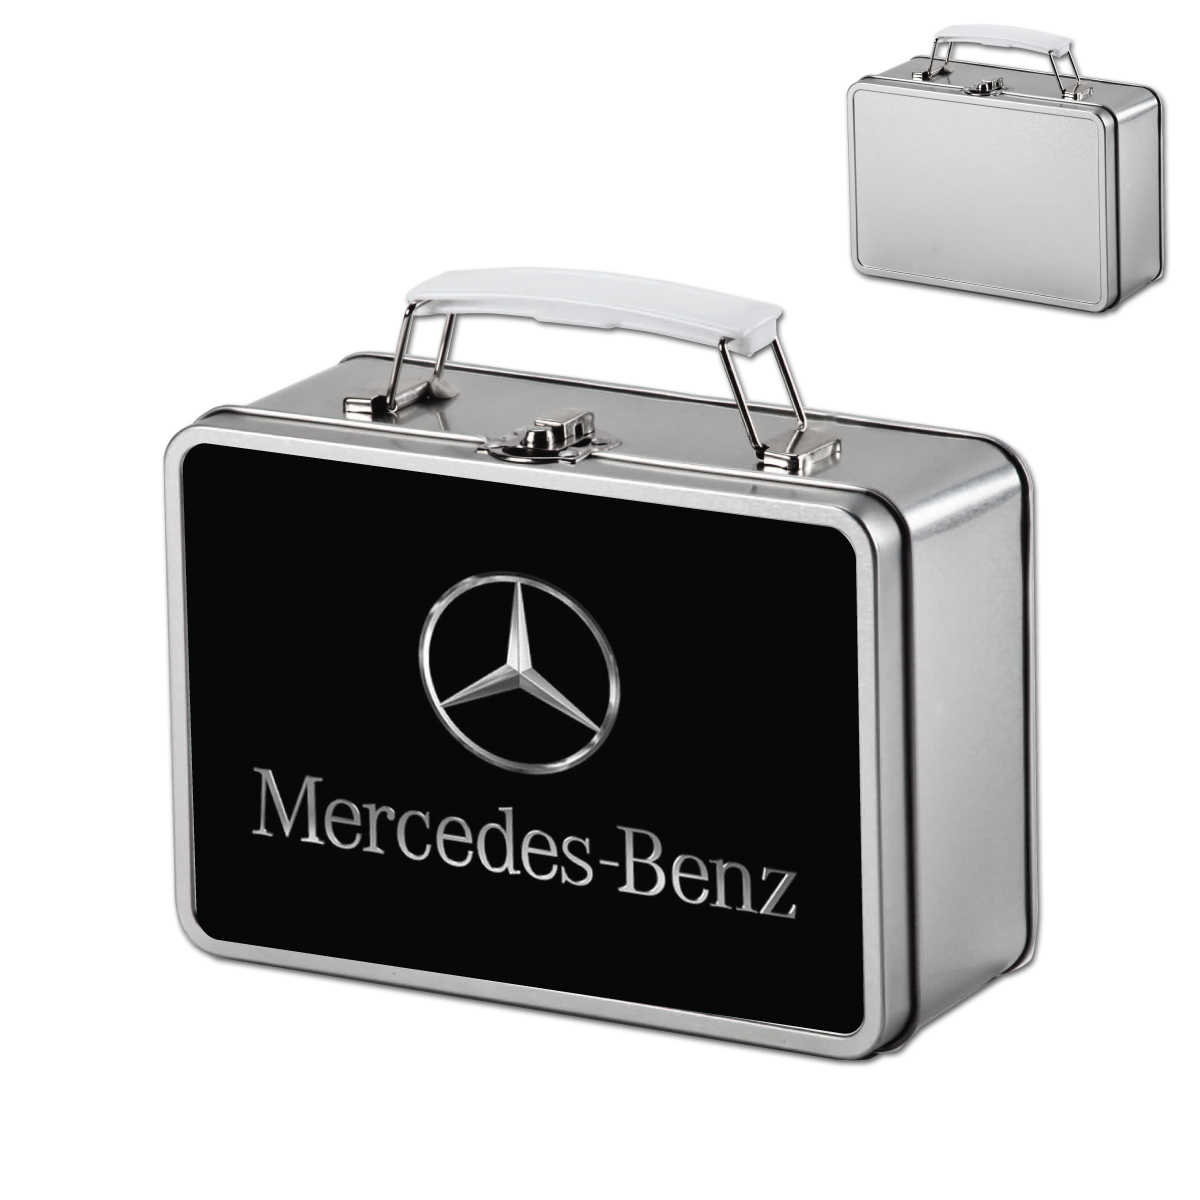 קופסת מתכת מזוודה